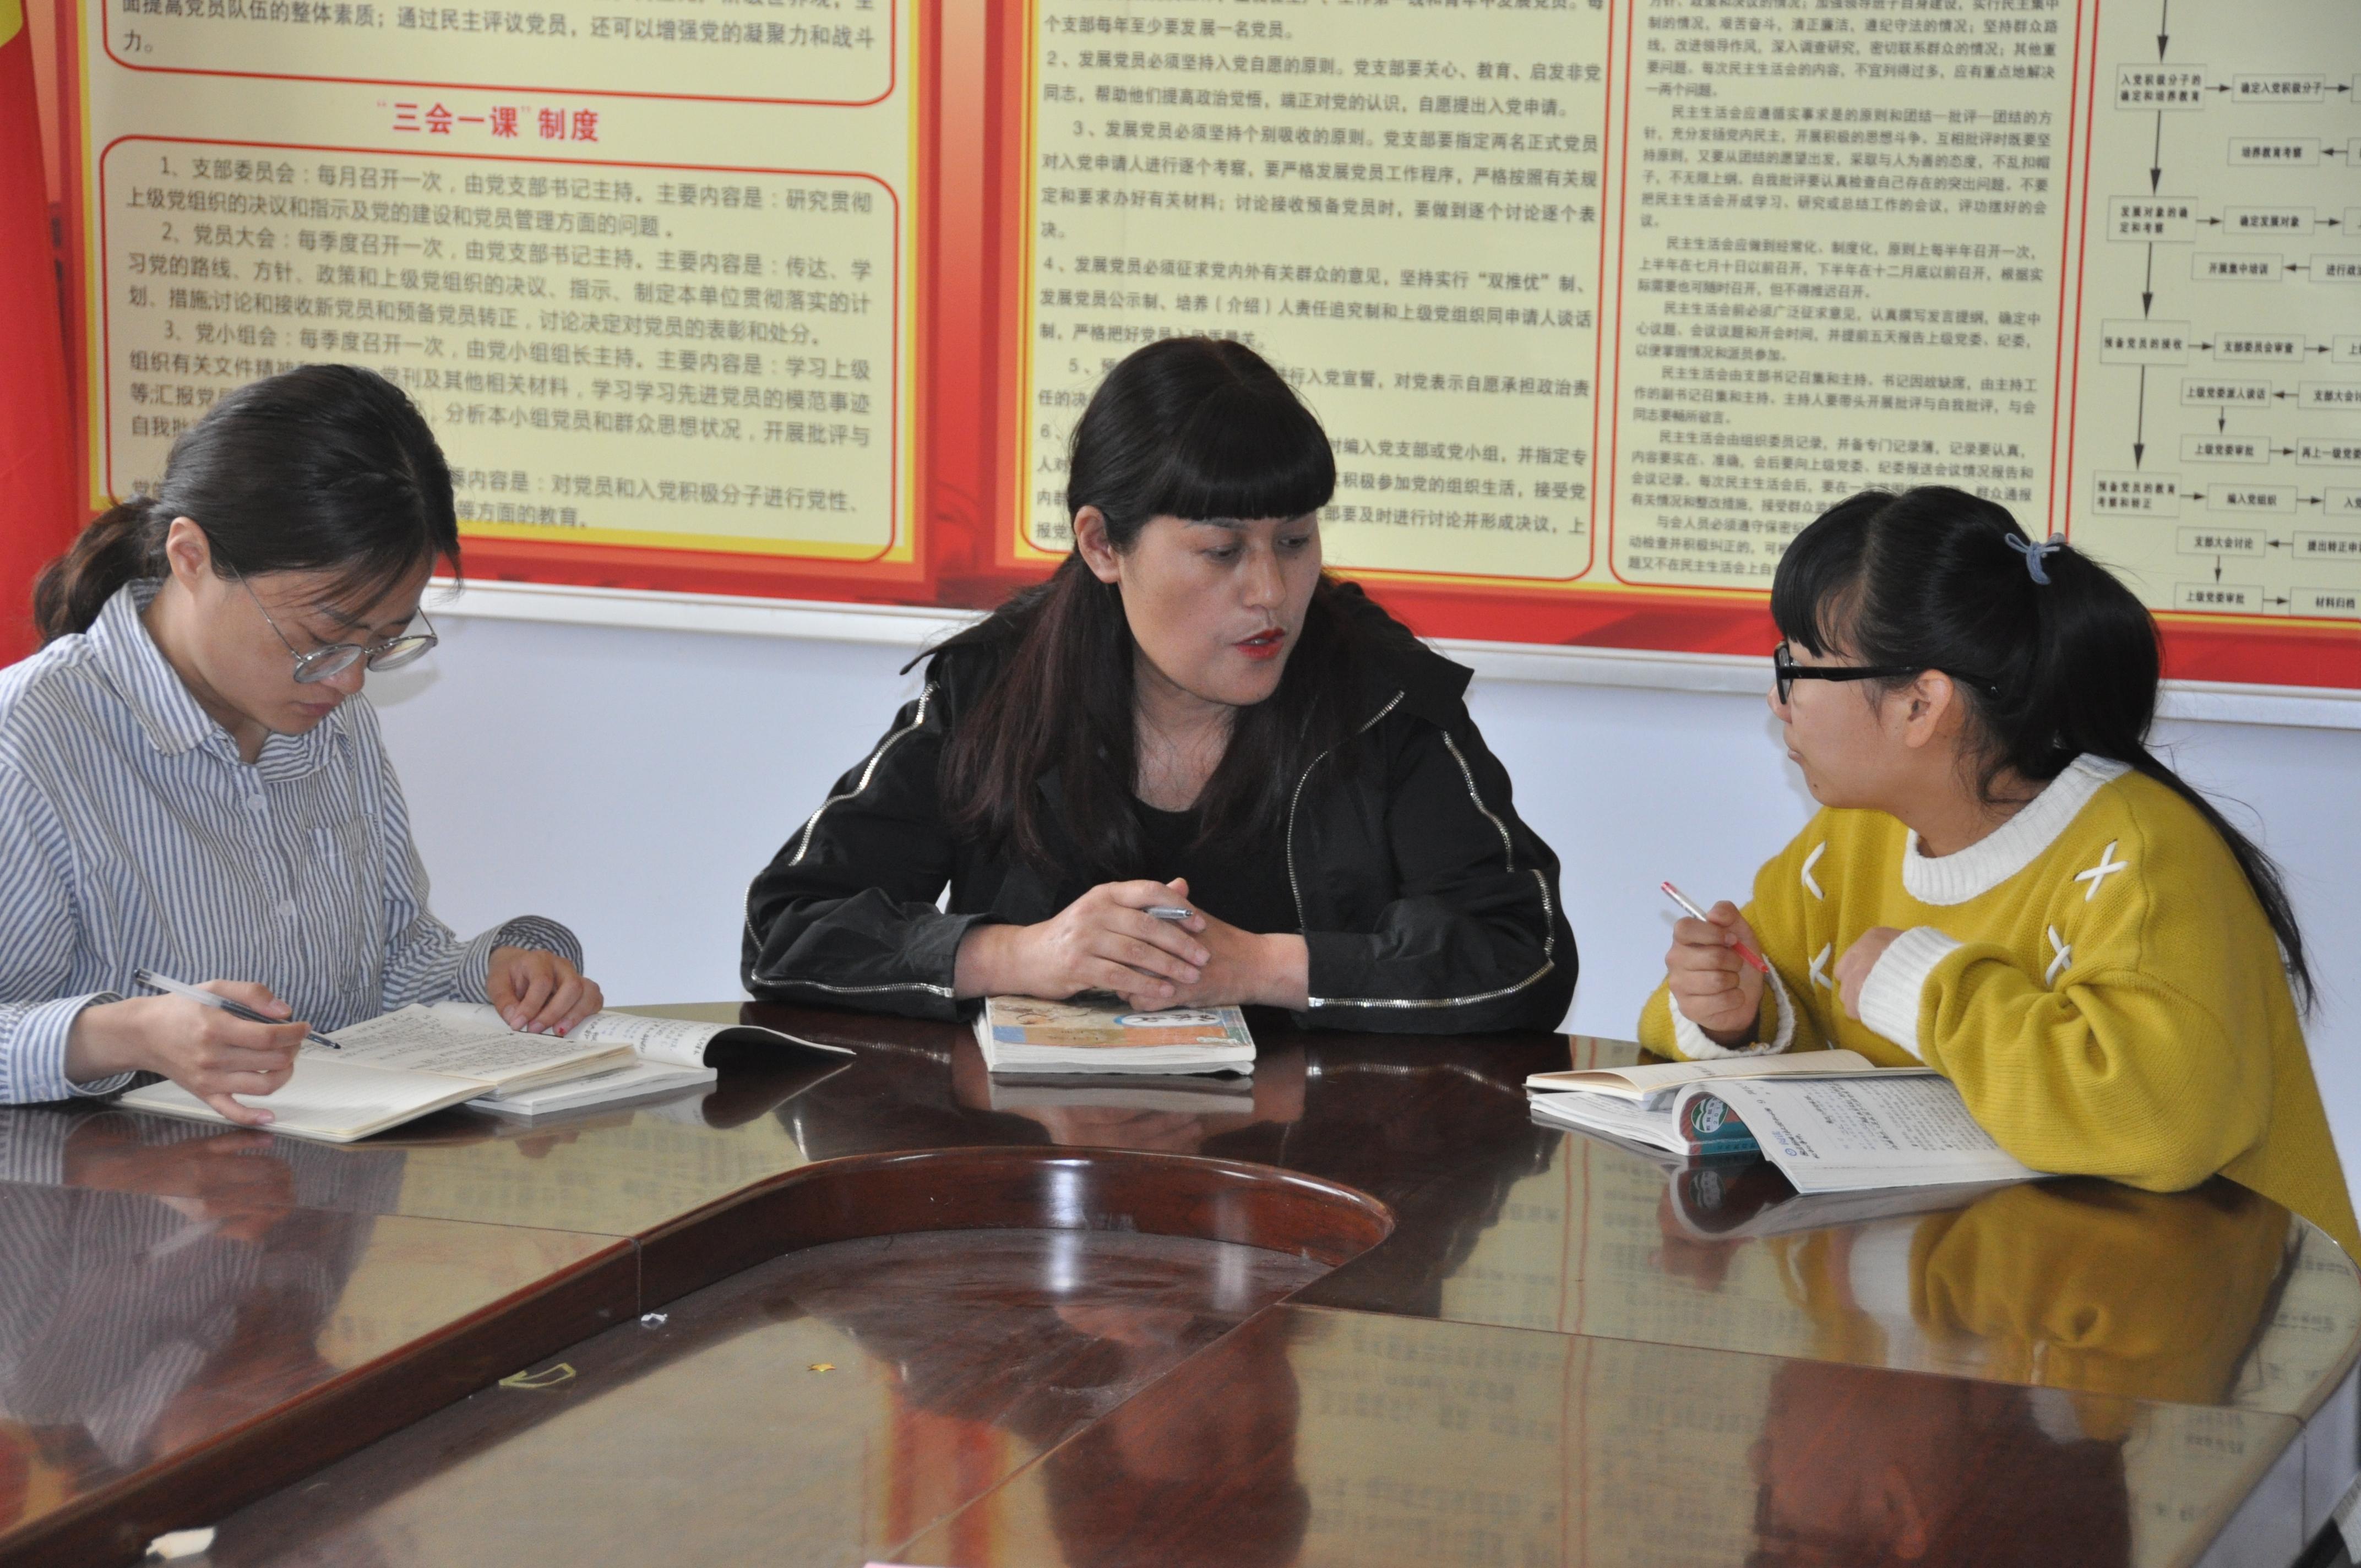 为他竖起大拇指作文_[8中东校] 迎校庆,学生海报扮靓校园--郑州教育信息网